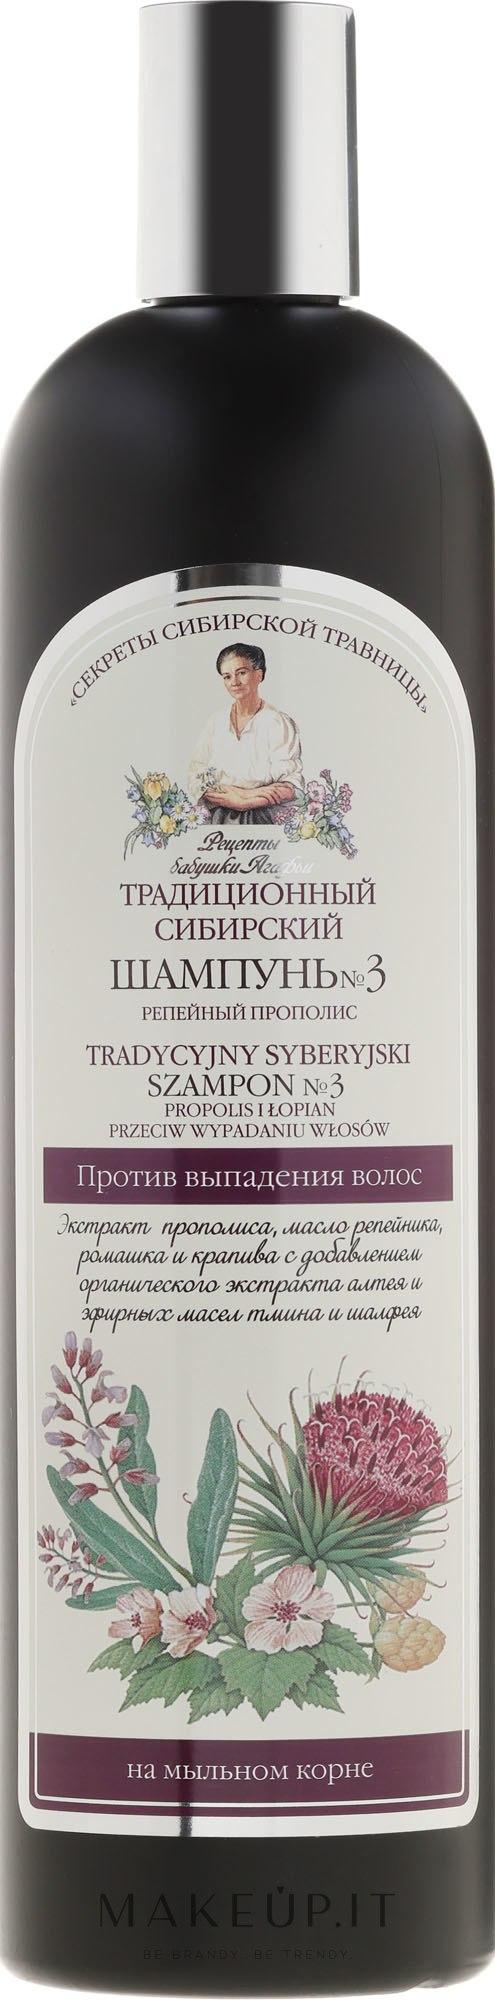 Shampoo tradizionale siberiano №3 contro la caduta dei capelli con propoli di bardana - Ricette di nonna Agafya — foto 550 ml